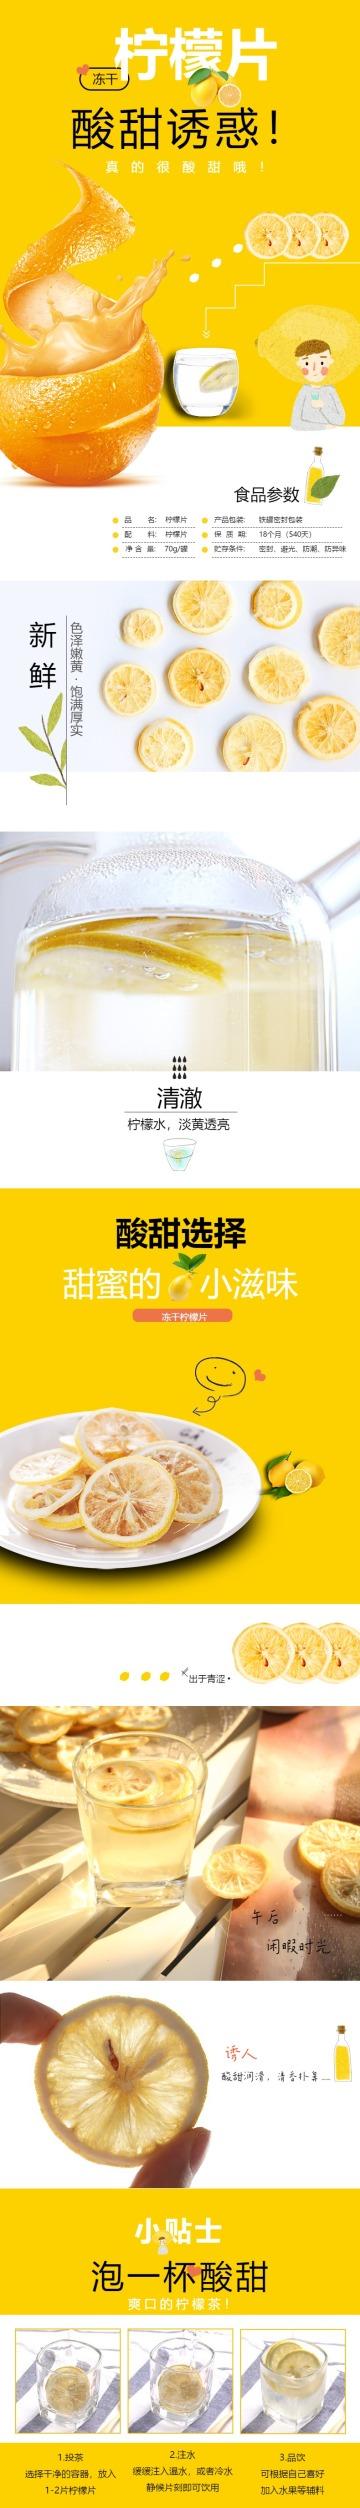 清新酸甜冻干柠檬片电商详情页